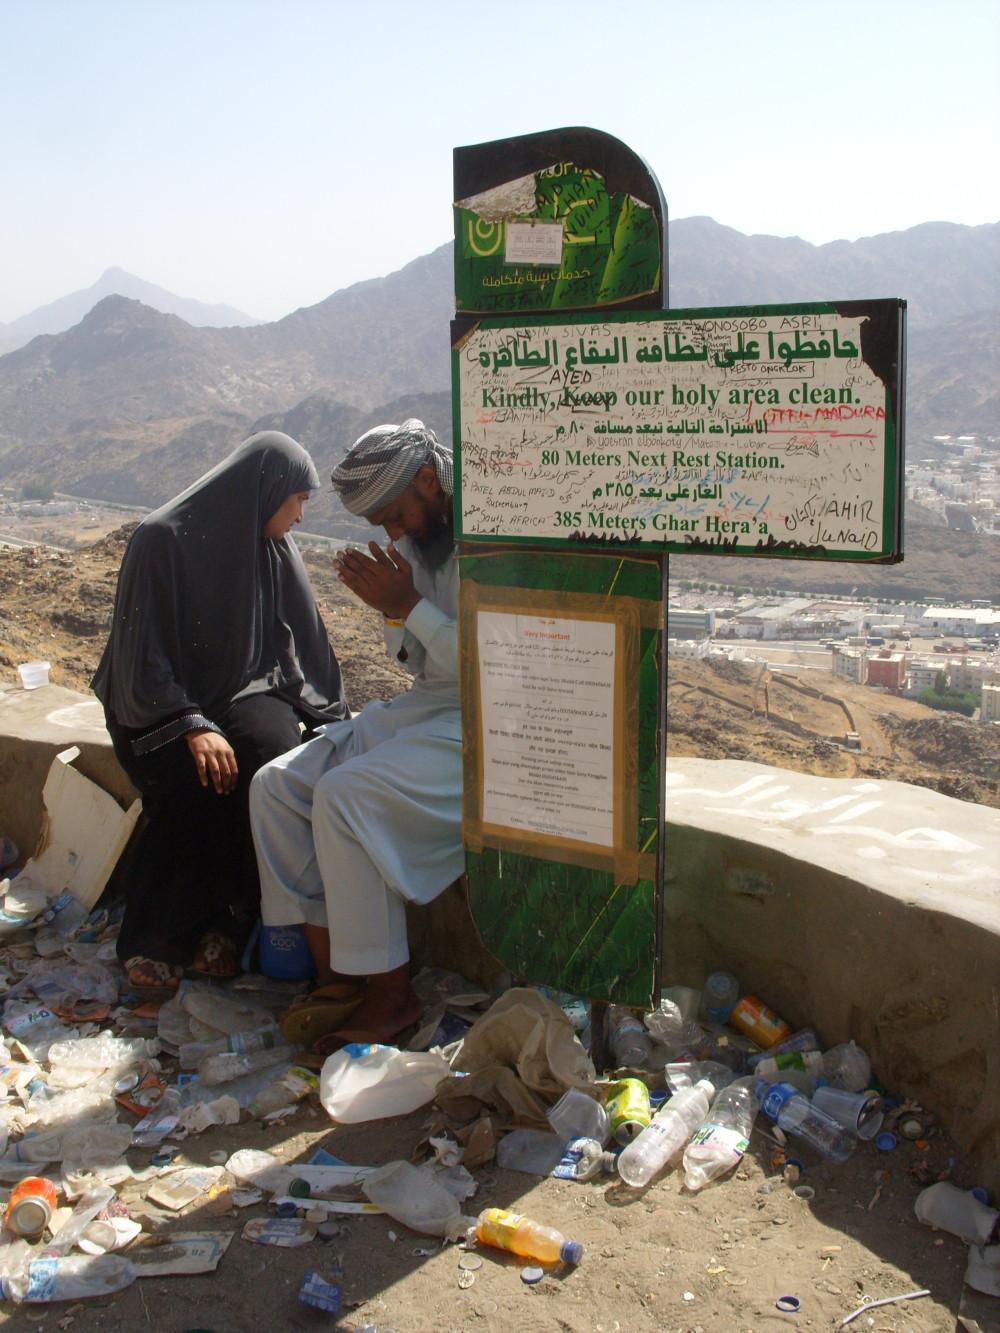 Müslümanlar için kutsal mekanlardan olan Hira dağına tırmanış yolu. Ayetler de içeren uyarı tabelası ve atılan çöpler